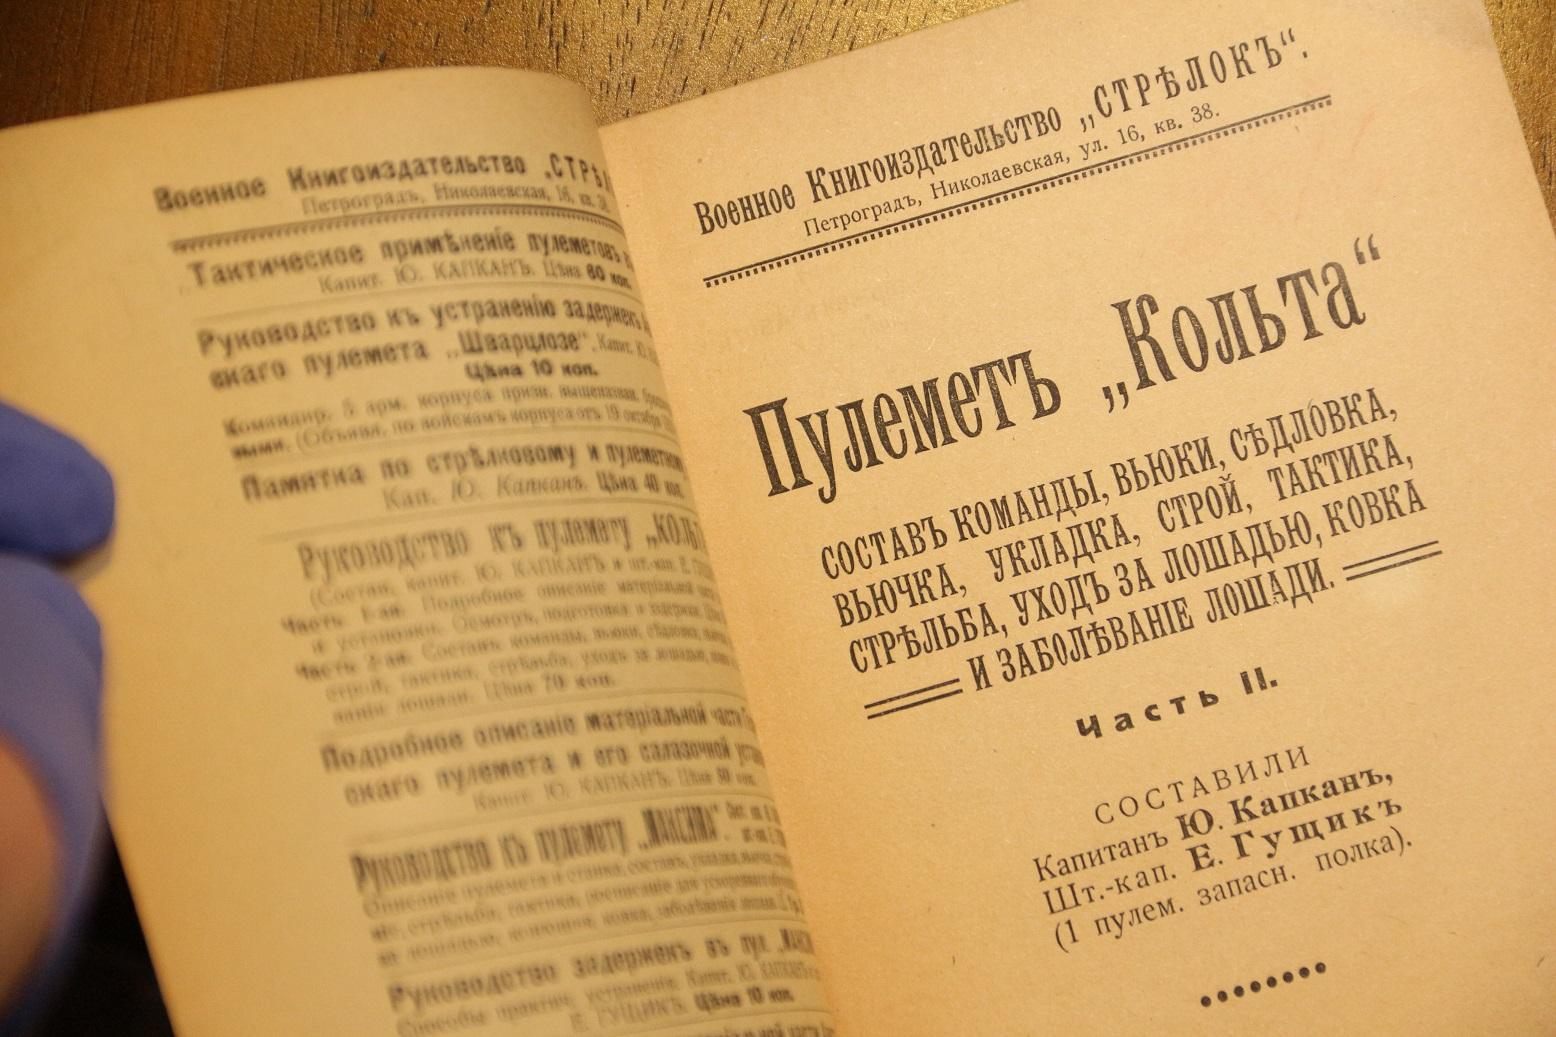 """Фото Пулемет """"Кольта"""", 1917 год, военное книгоиздательство """"СТРЕЛОКЪ"""", Петроград"""